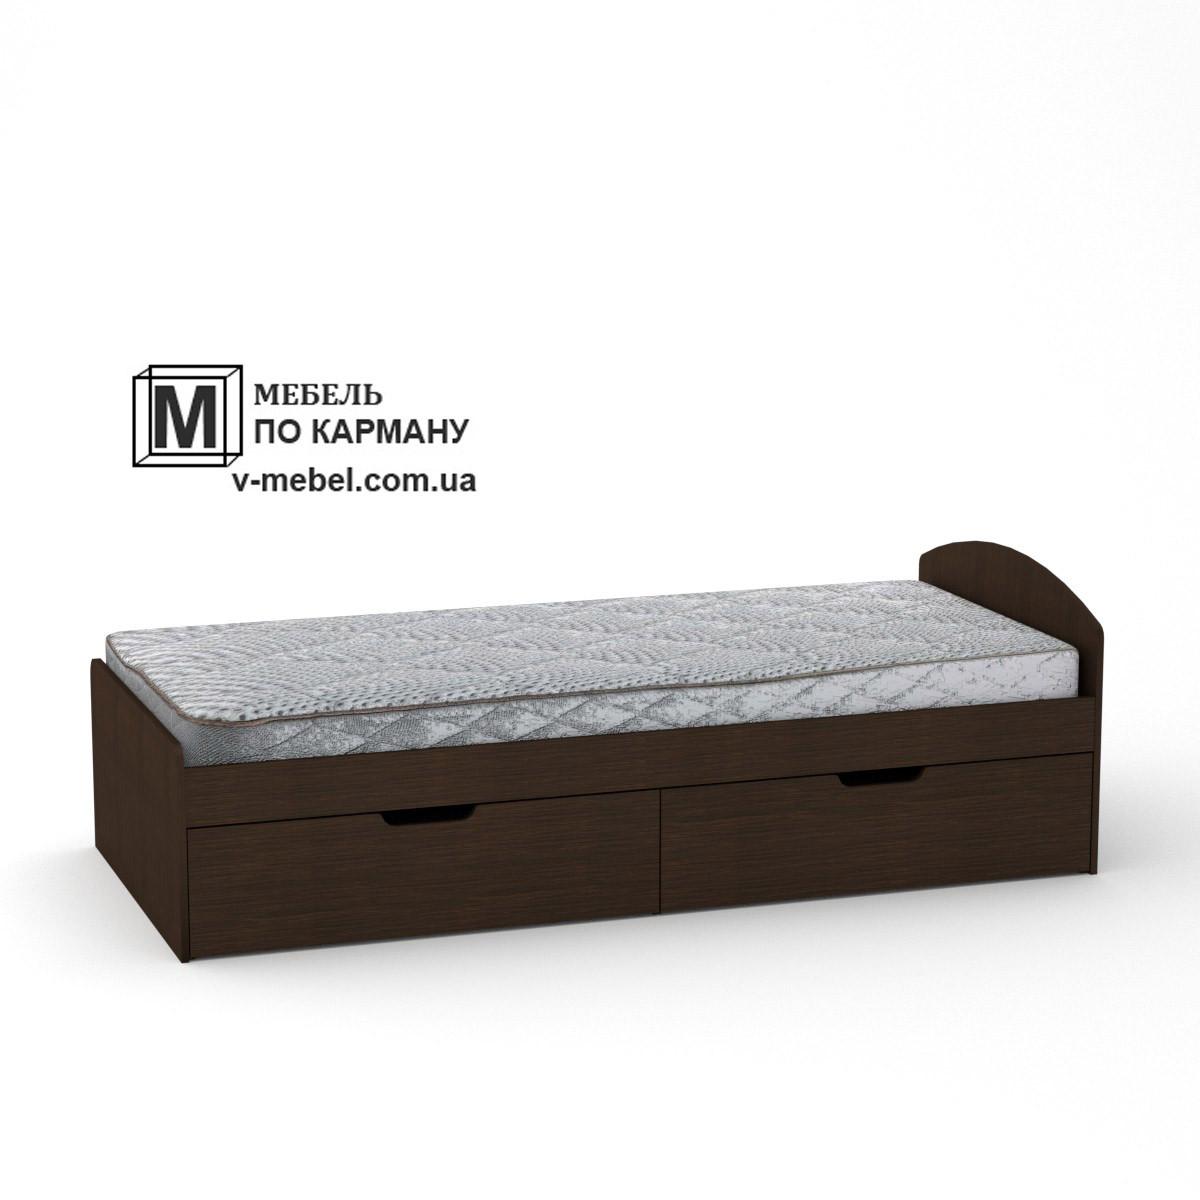 Односпальне ліжко з двома ящиками на коліщатках 90+2